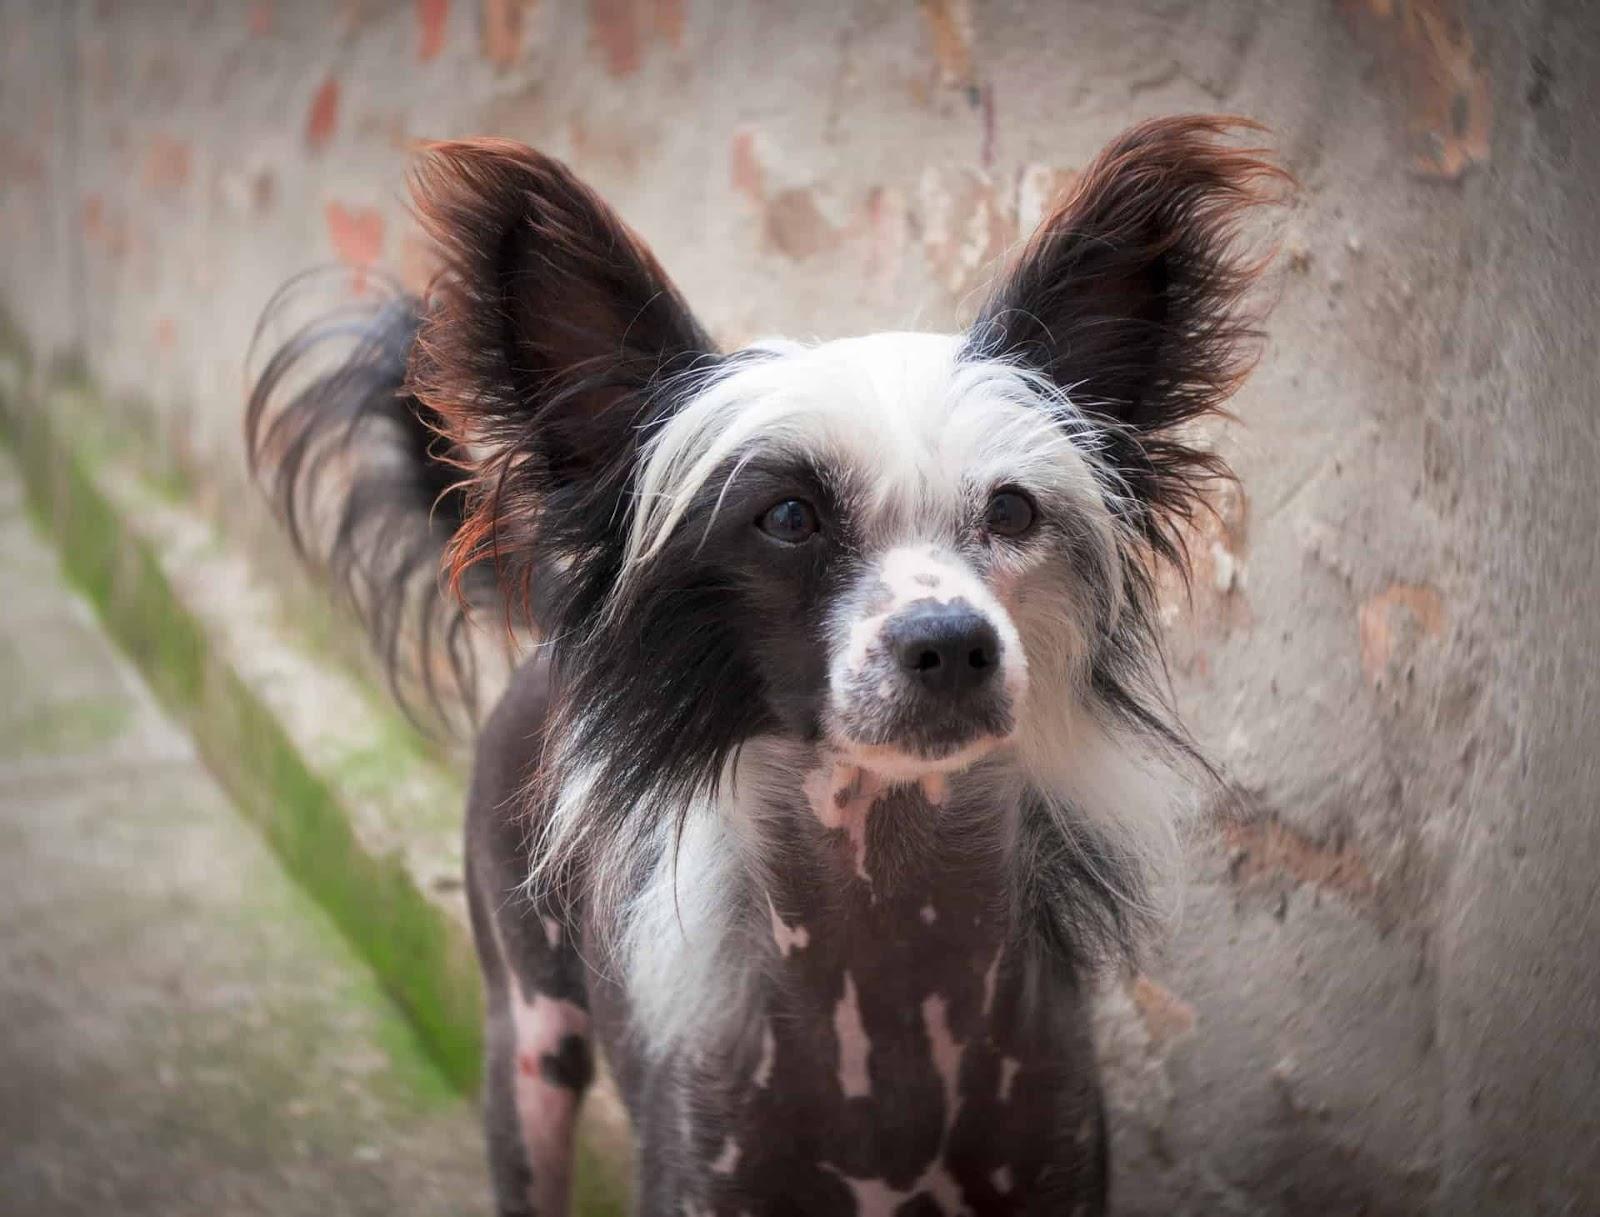 Диета Китайской Хохлатой Собаки. Кормление китайской хохлатой — питание щенков и взрослой собаки